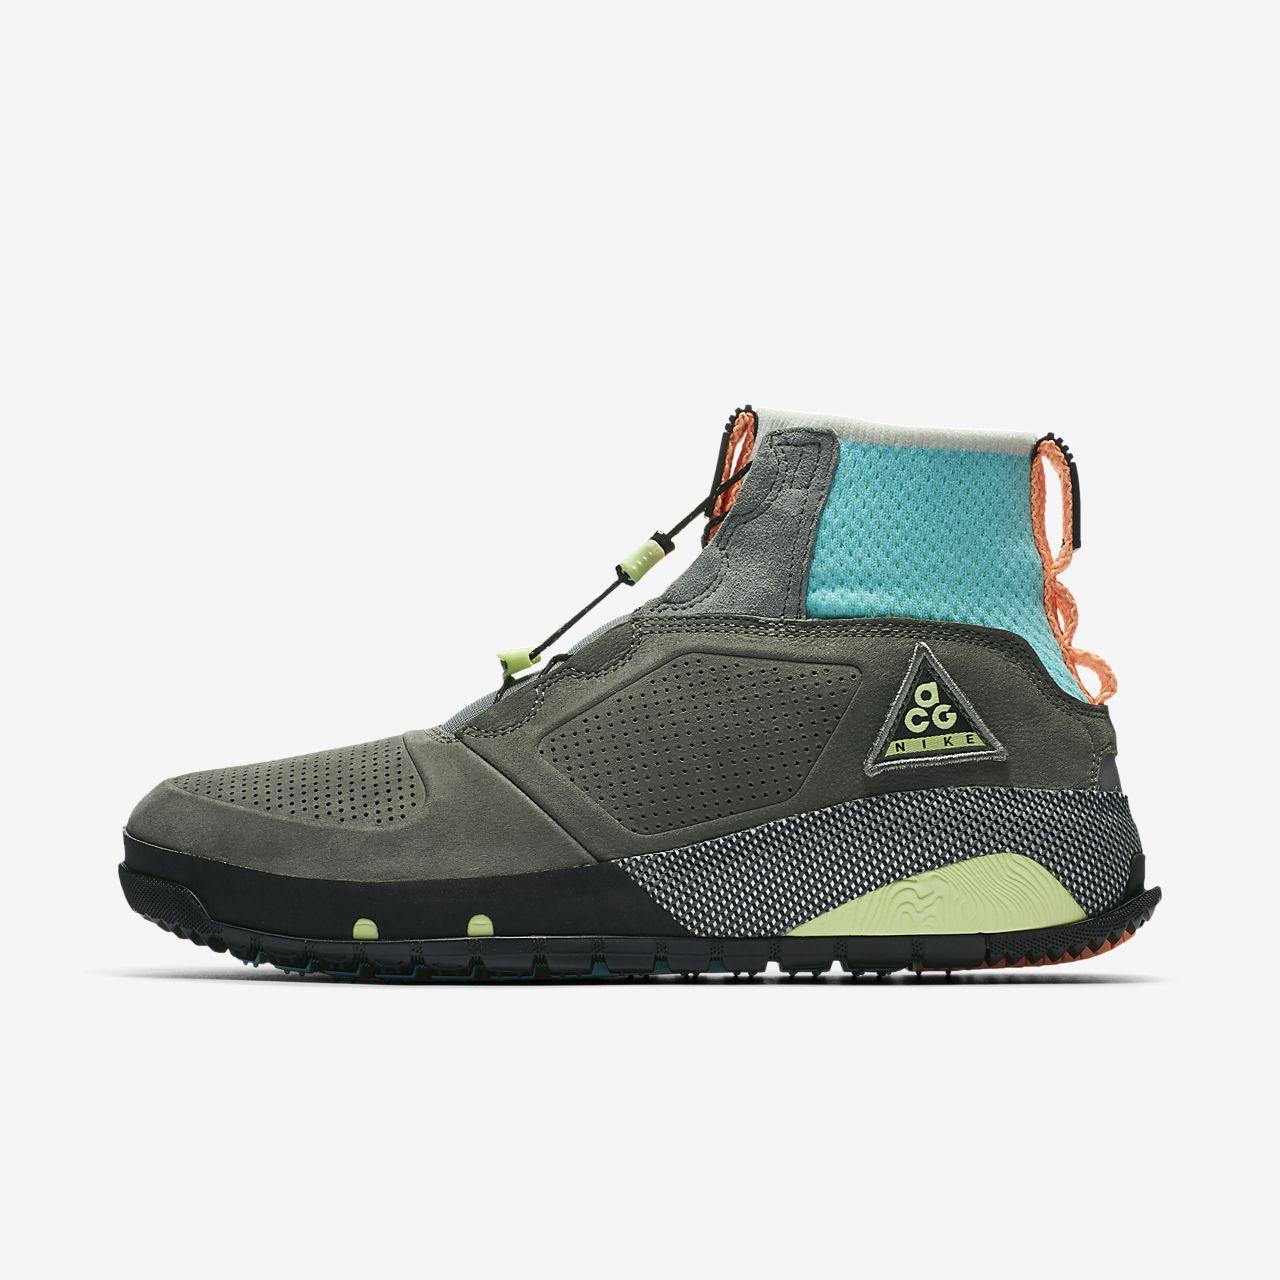 Acg Homme Nike Chaussure Pour Ruckle Ridge Fr w5R5Cq8n